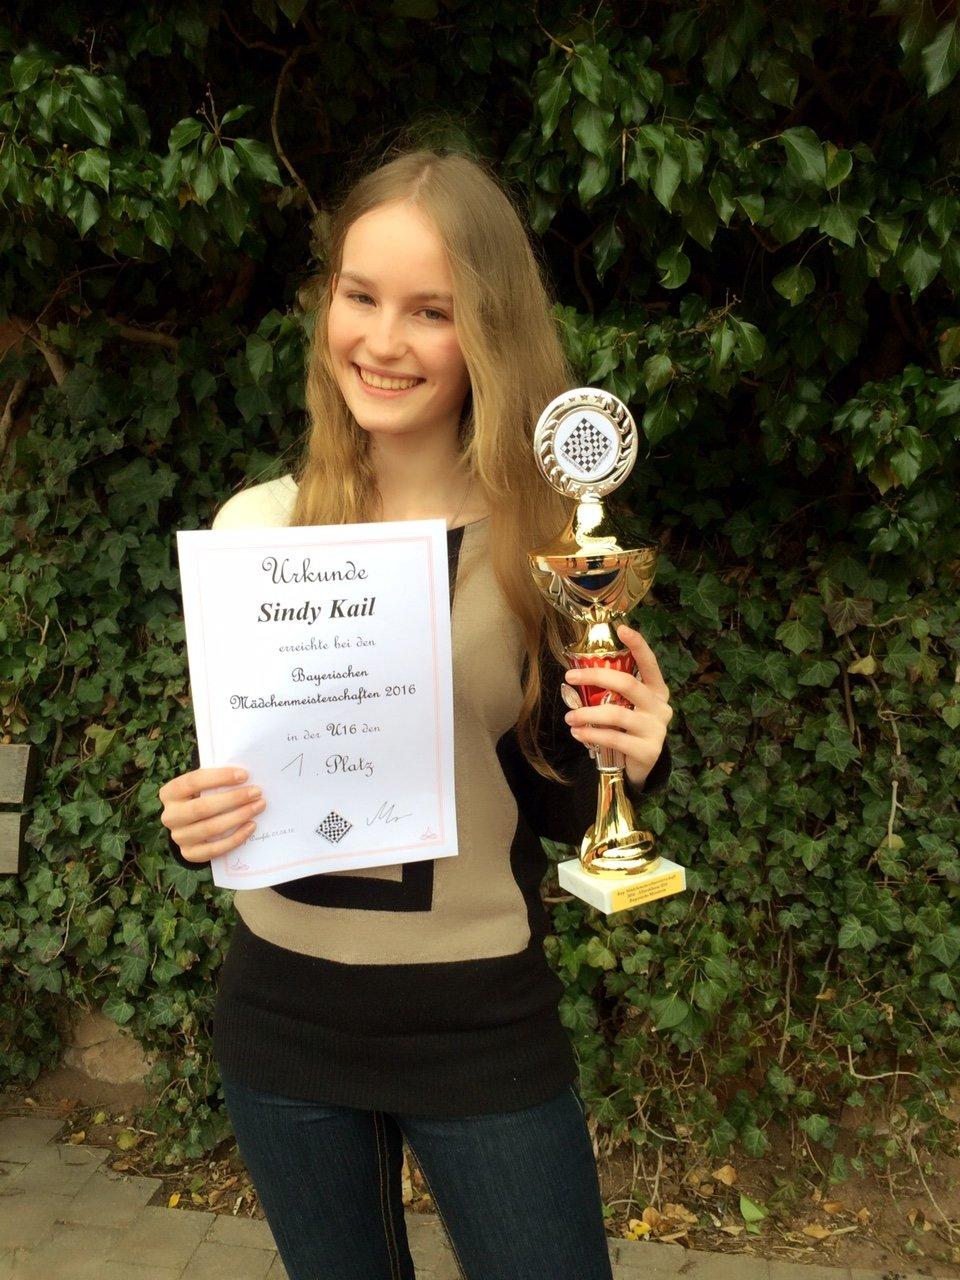 Sindy Kail erneut bayerische Jugendmeisterin in der U16w